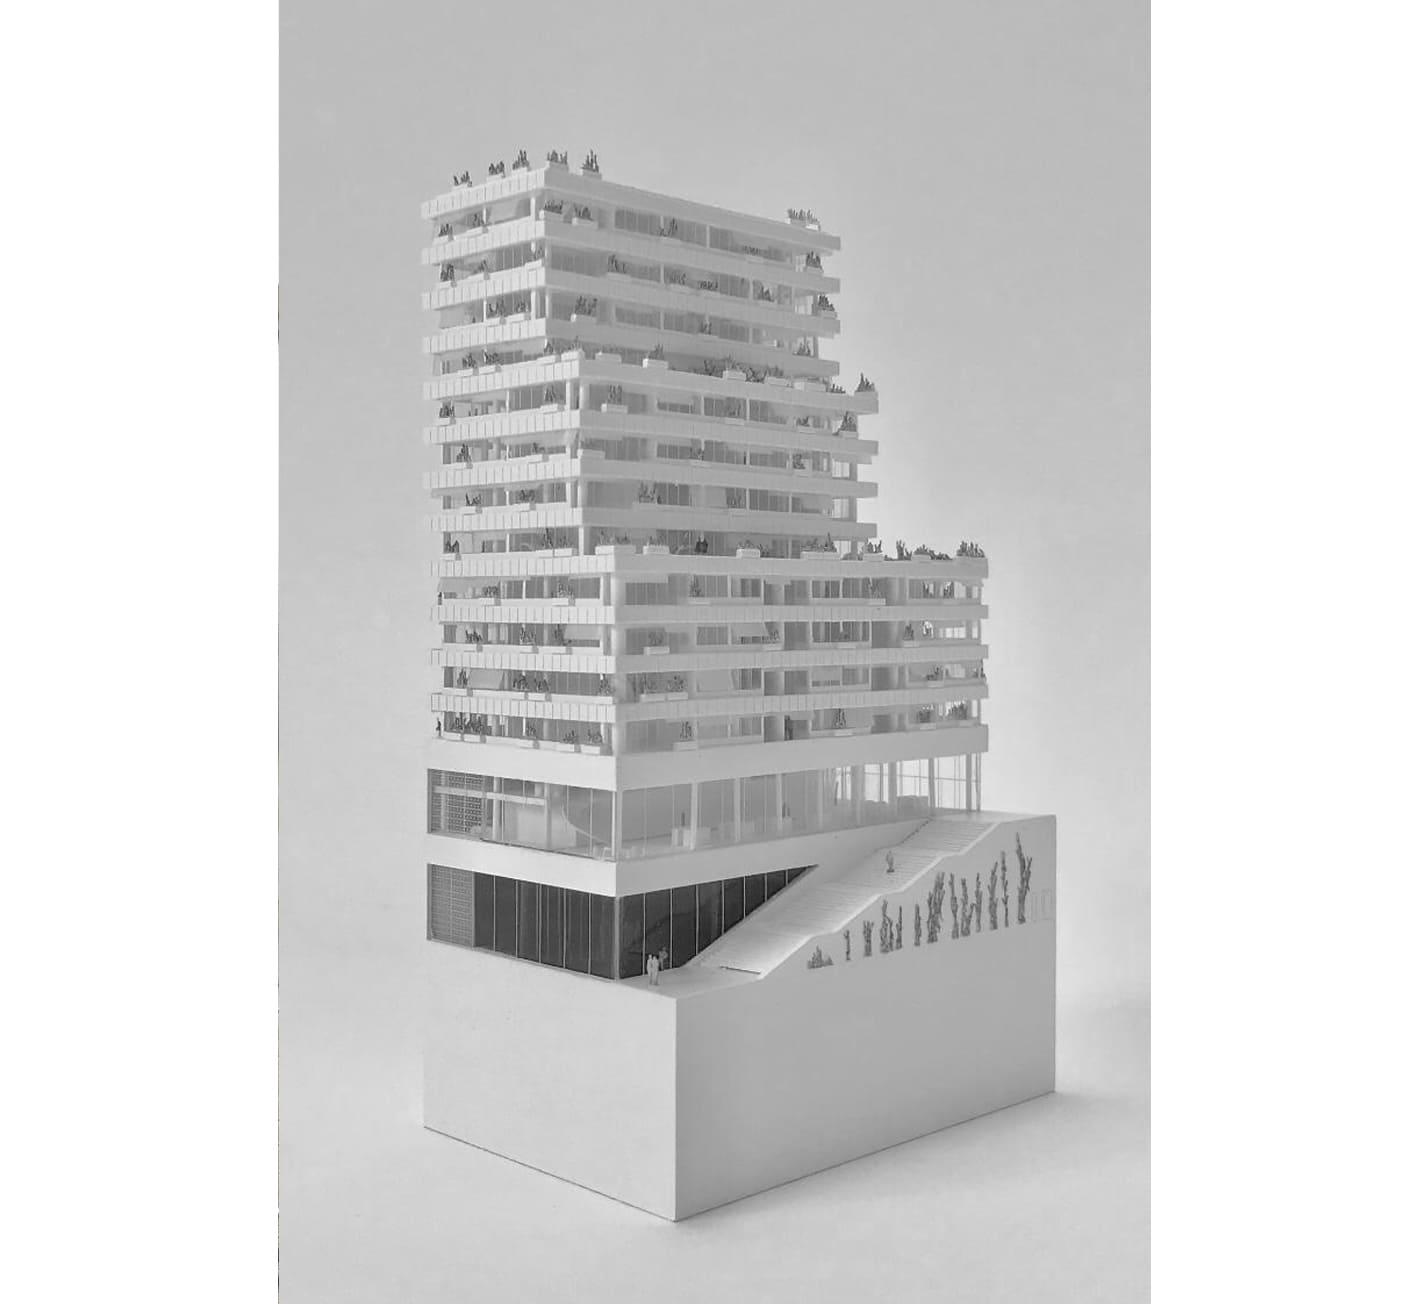 B1A5-logements-concours-architecture-paris-construction-atelier-steve-maquette-01